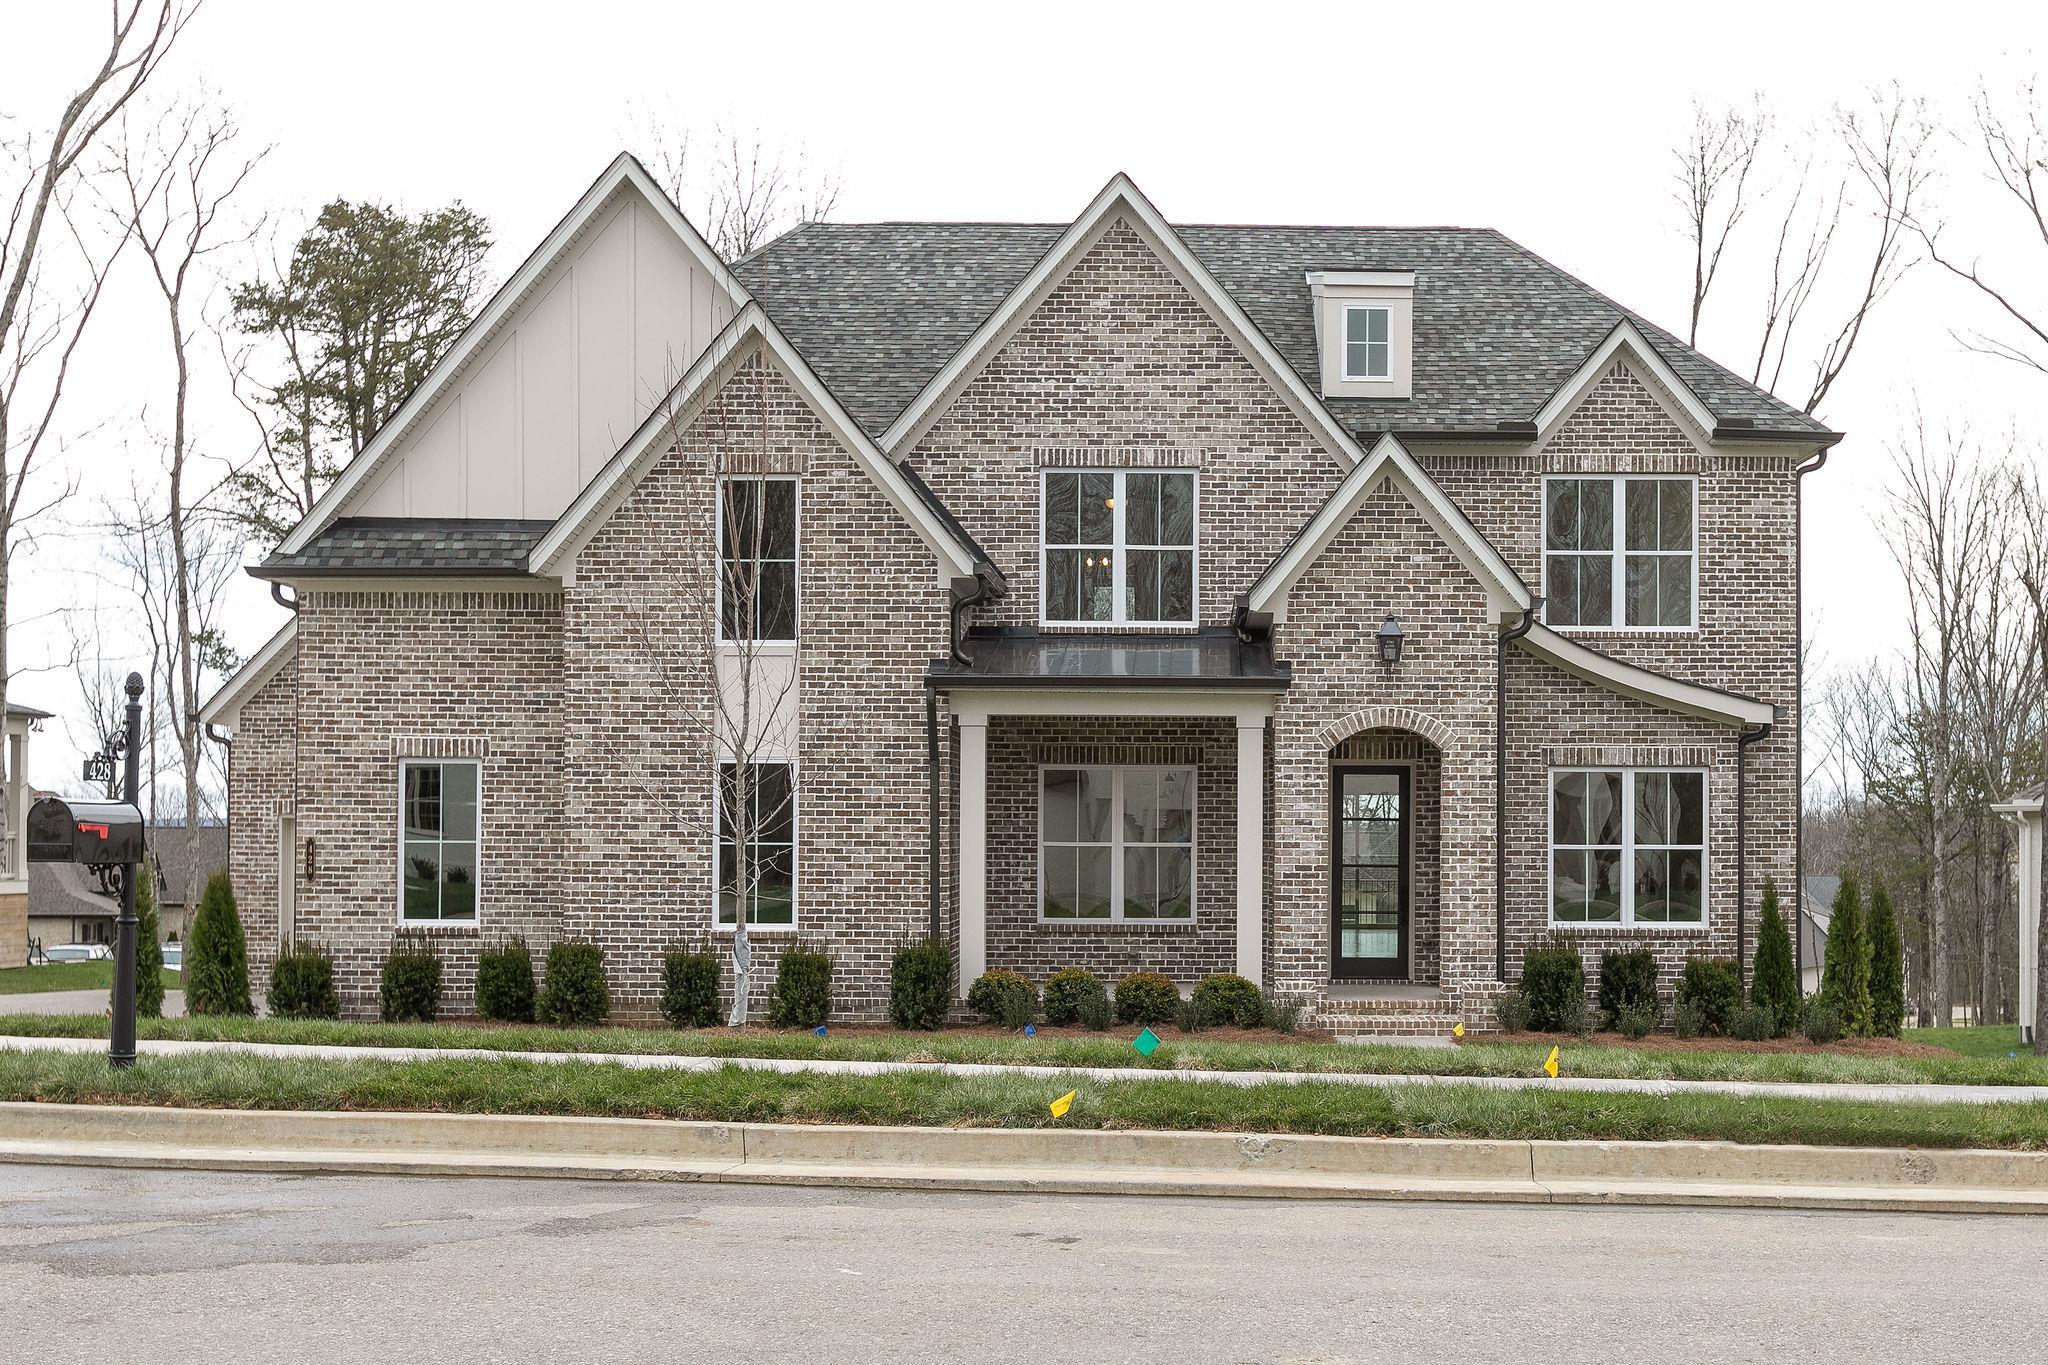 428 Oldenburg Rd *Lot 2206*, Nolensville, Tennessee